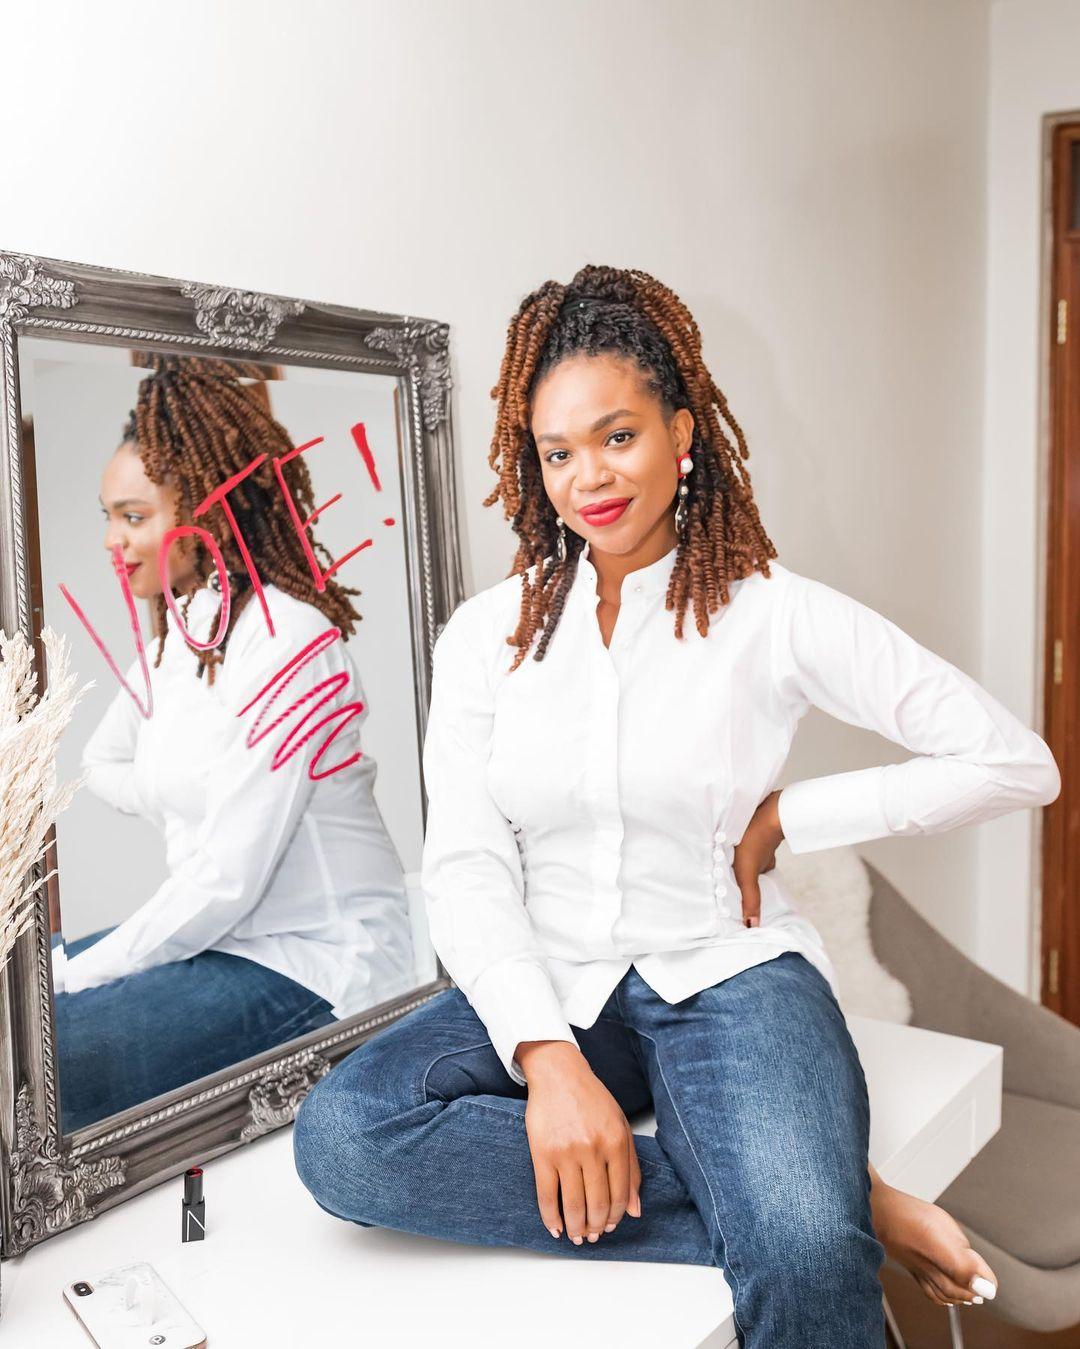 1612586161 760 Peinados faciles para el cabello rizado 20 mega ideas increibles - Peinados fáciles para el cabello rizado: 20 mega ideas increíbles